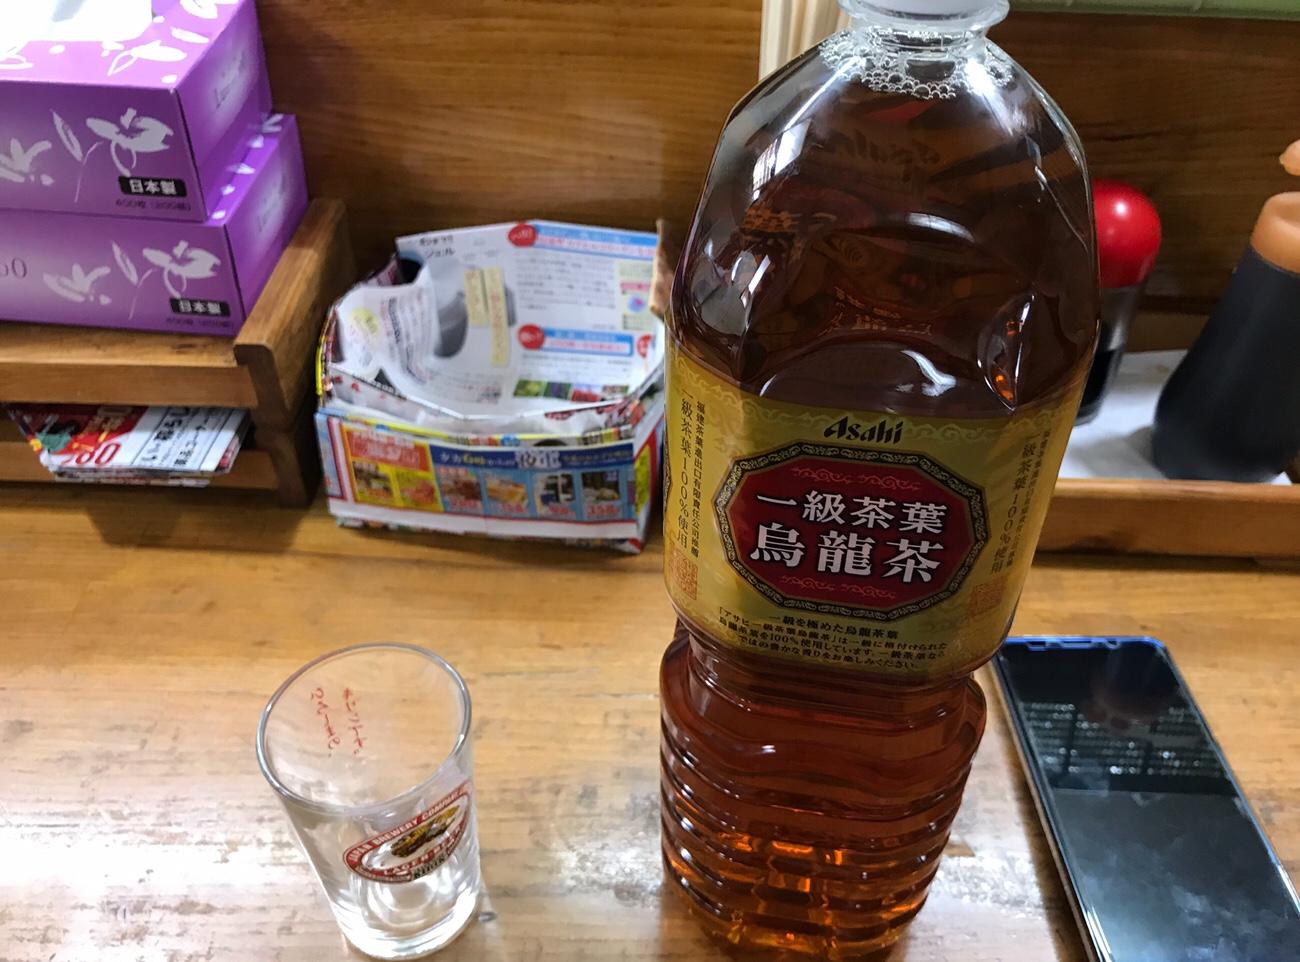 ホルモン天ぷらたかまのウーロン茶